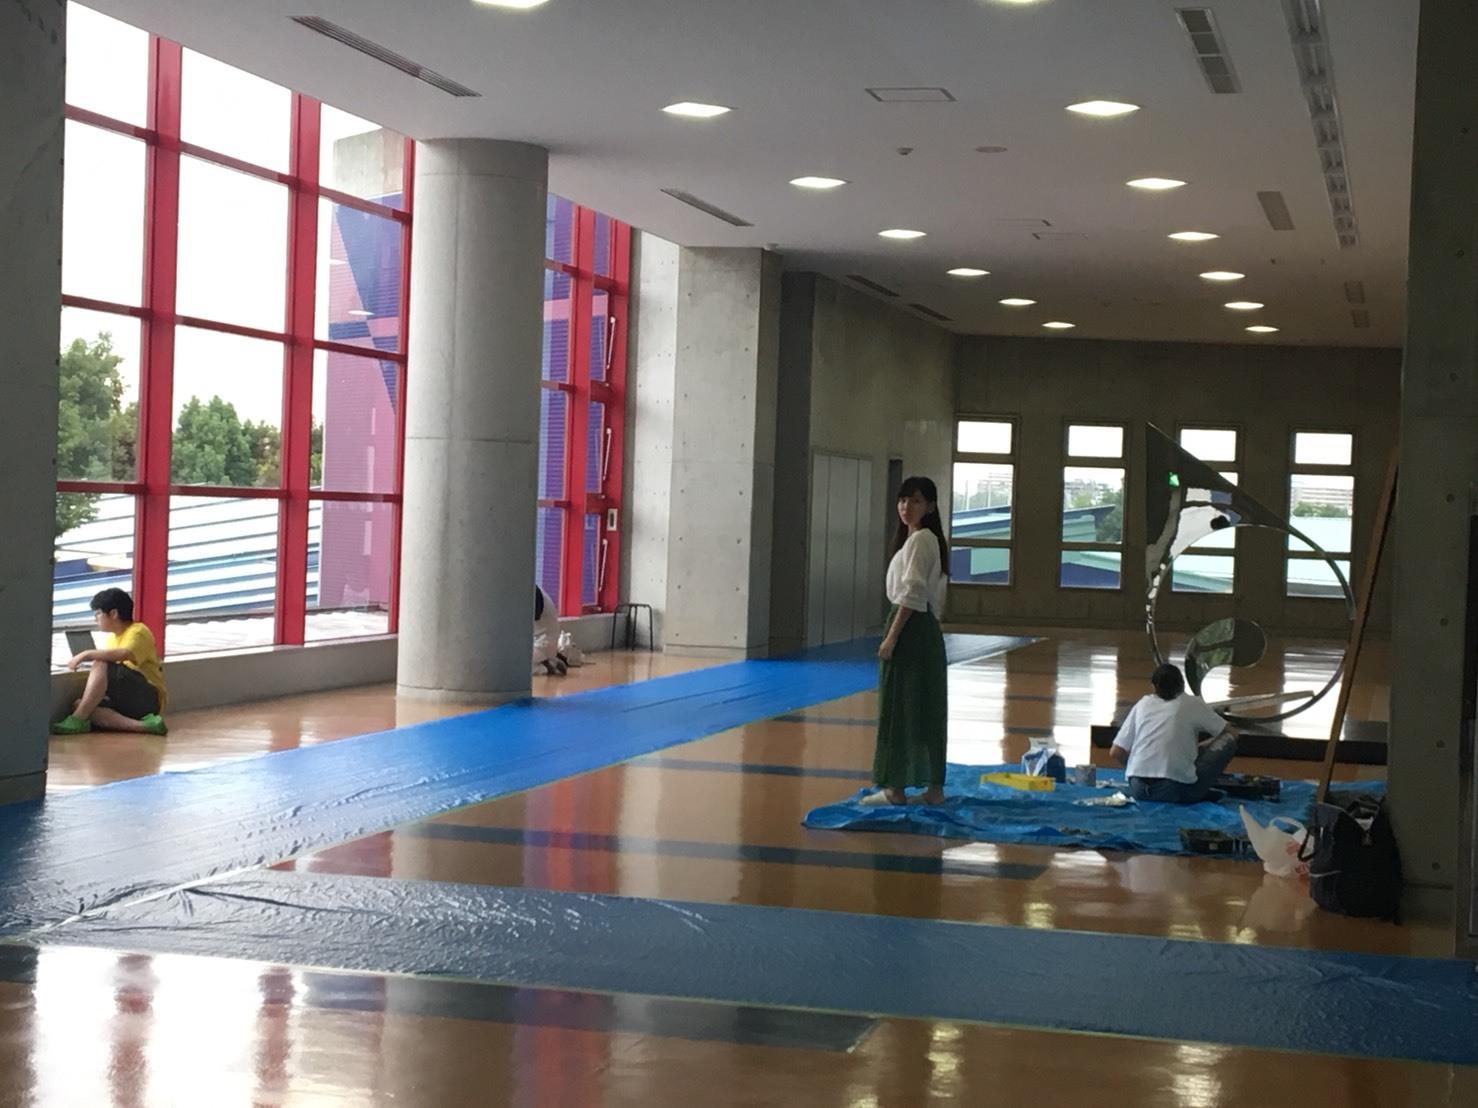 9月18日(火) 『学校スタートッ!』byあやねん_a0137821_09360983.jpeg